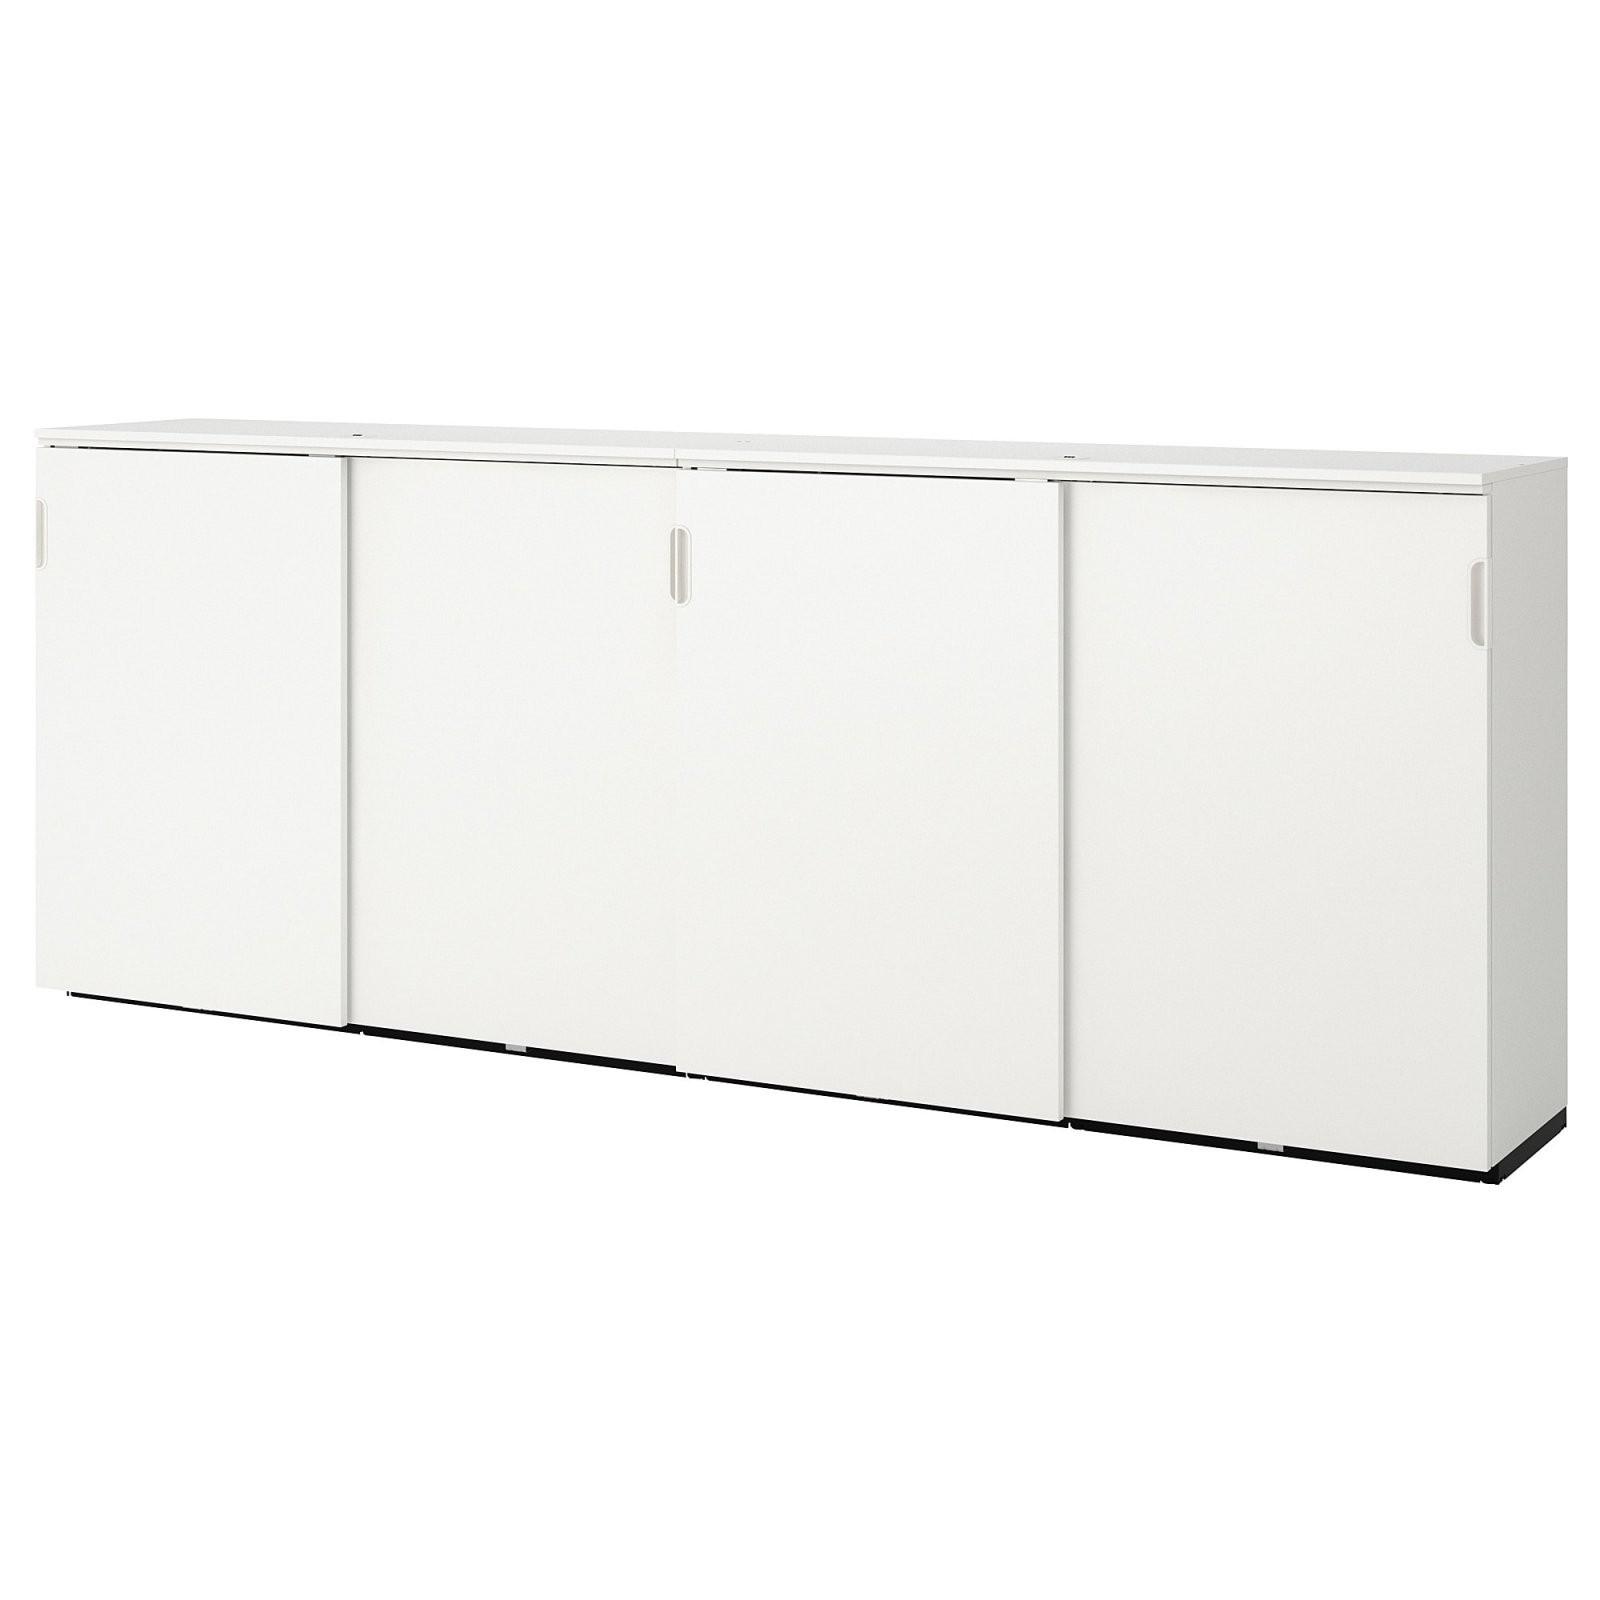 Galant Aufbewahrung Mit Schiebetüren  Weiß  Ikea von Sideboard Mit Schiebetüren Ikea Photo